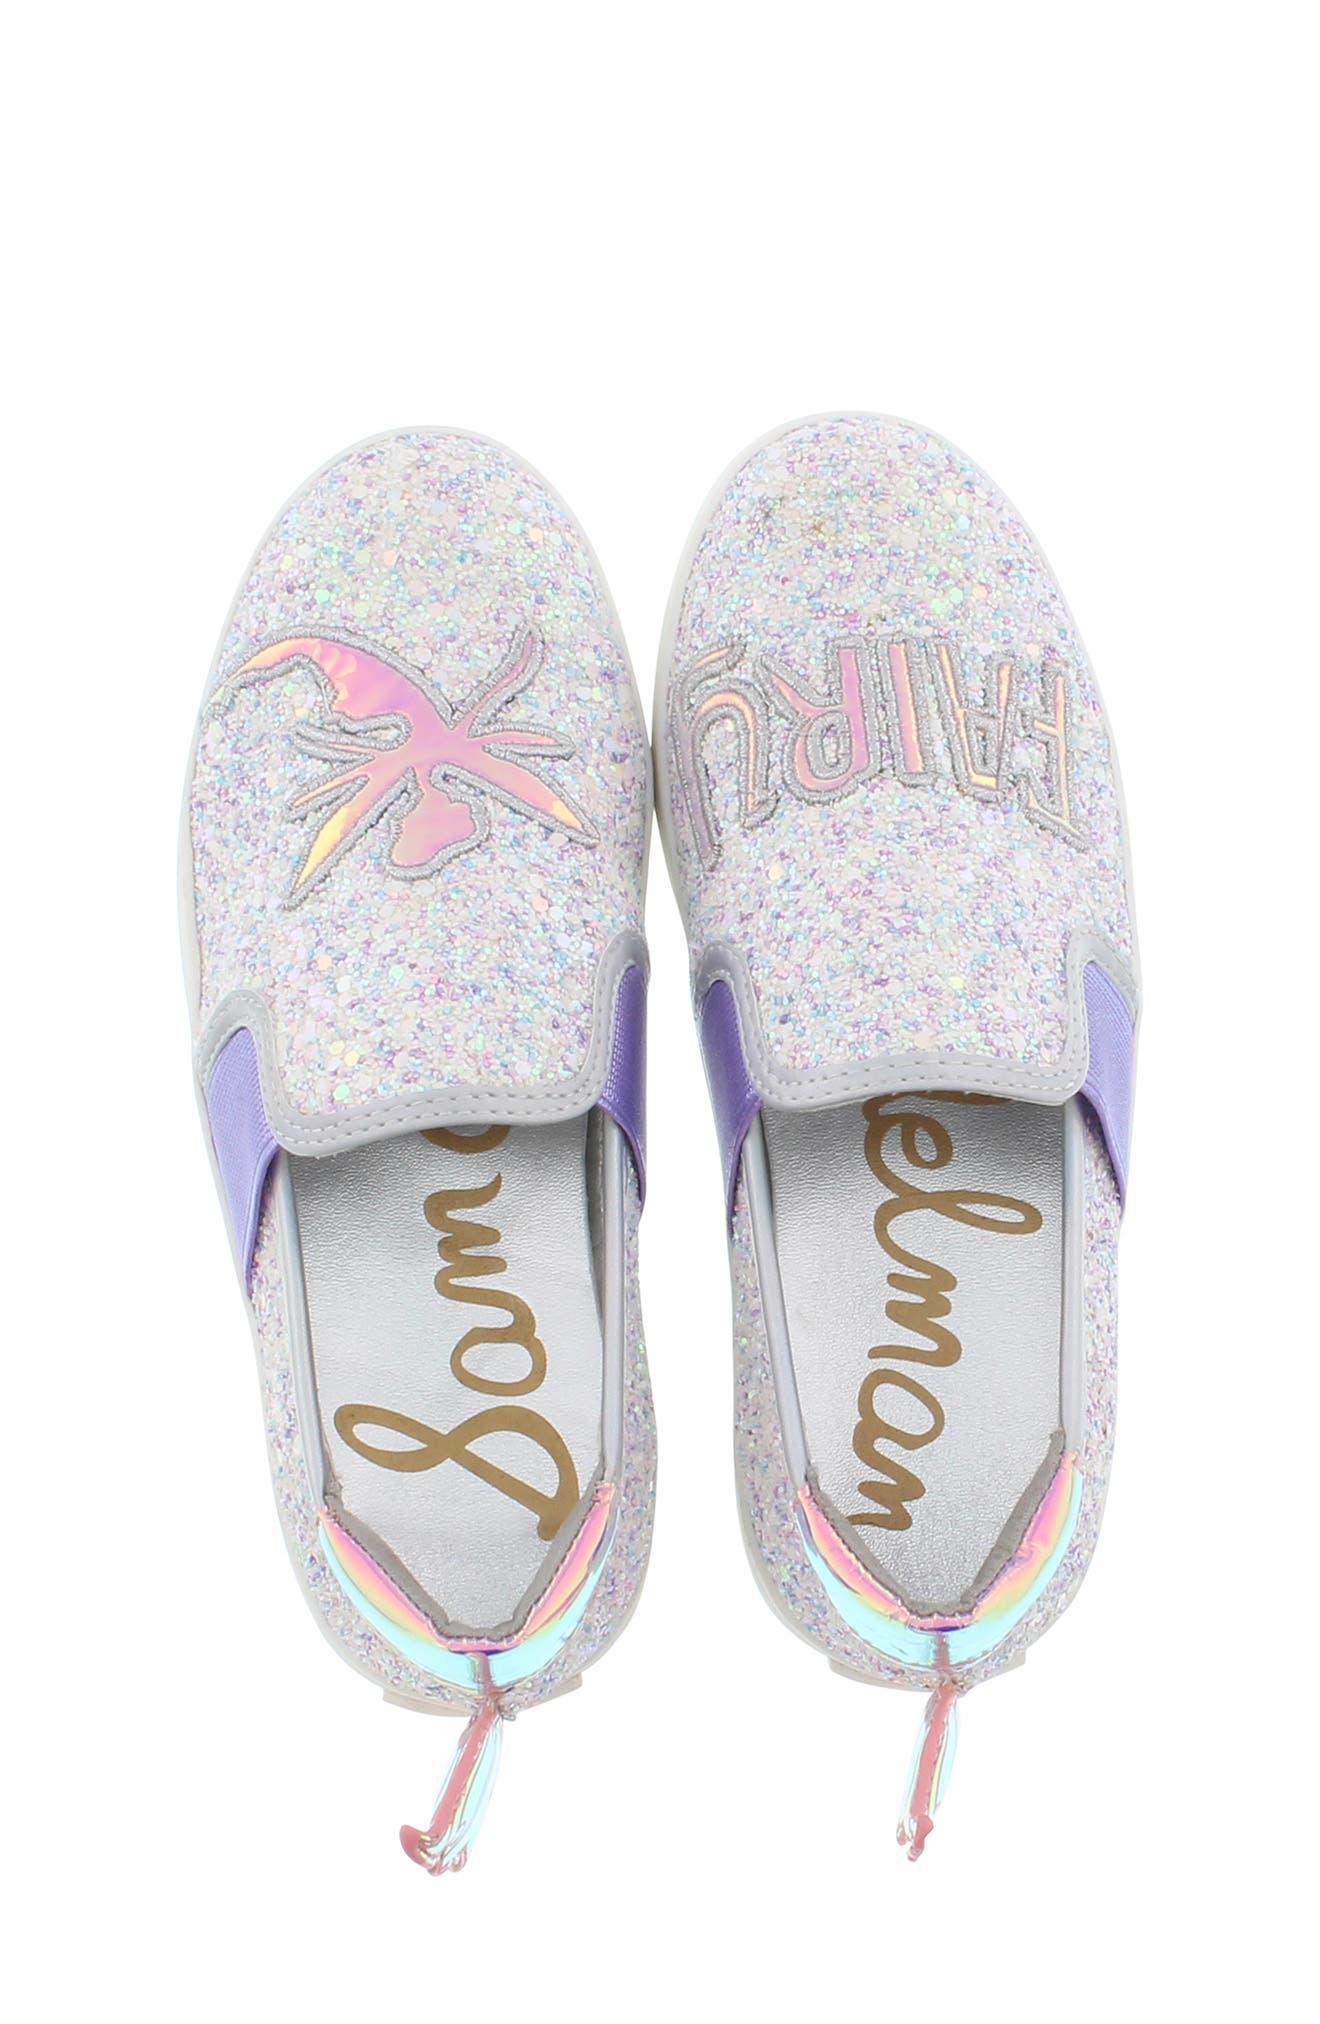 SAM EDELMAN, Blake Lina Fairy Glitter Slip-On Sneaker, Alternate thumbnail 5, color, PINK/ PURPLE